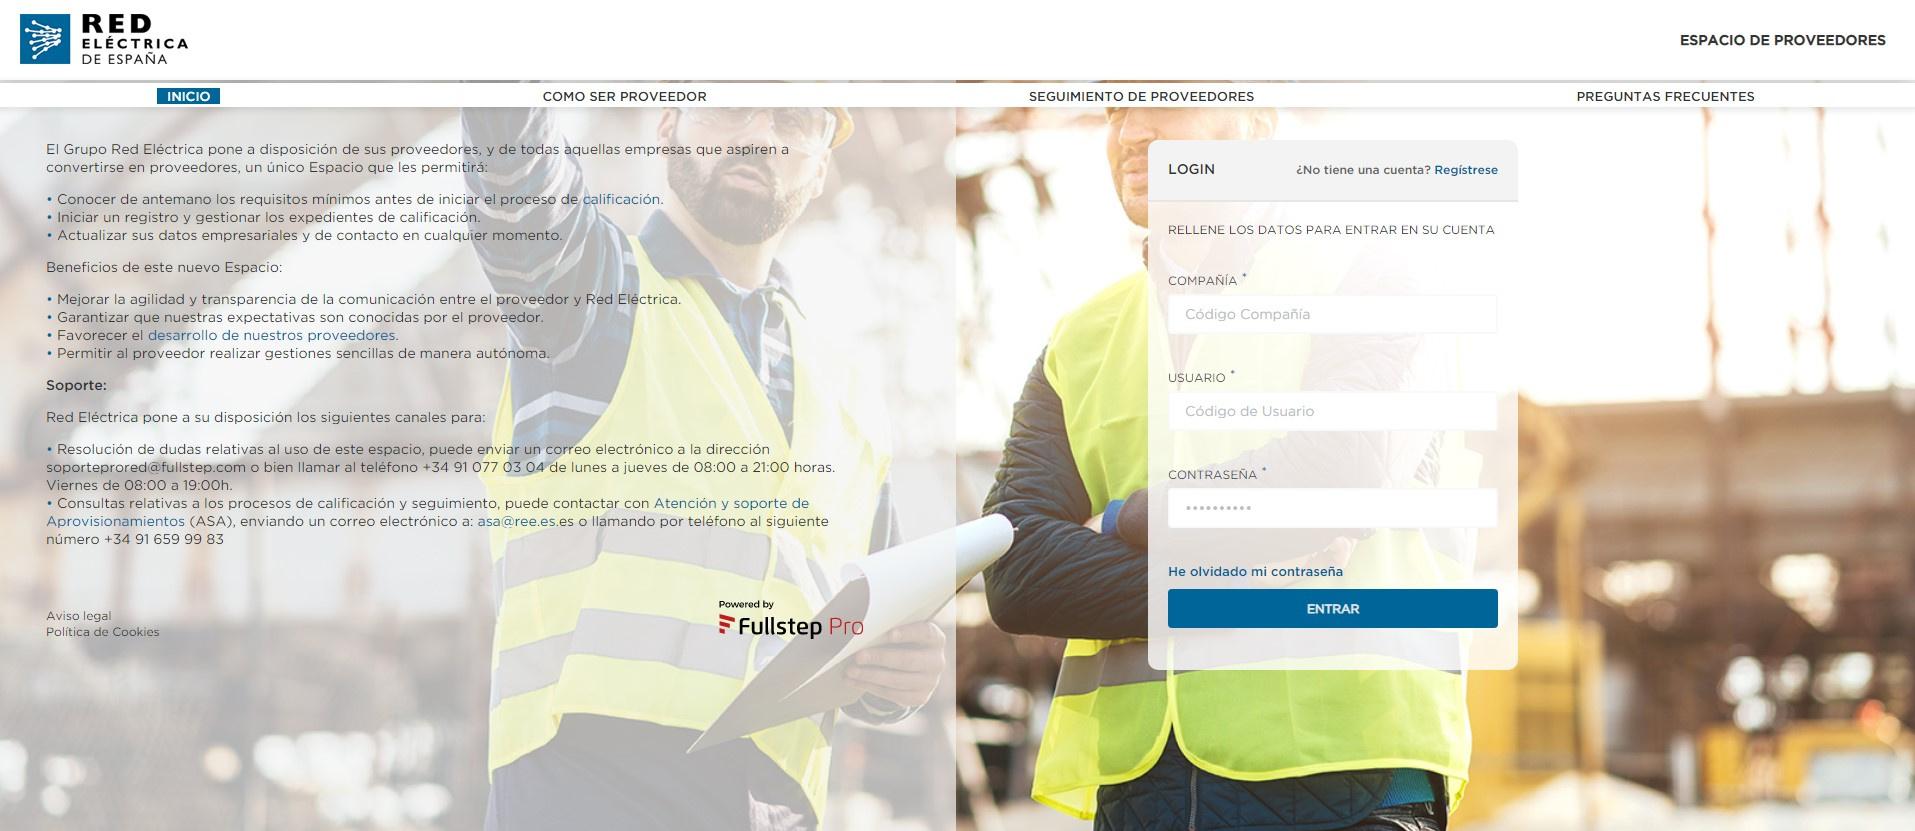 Pantalla del portal de gestión de subcontrataciones para proveedores